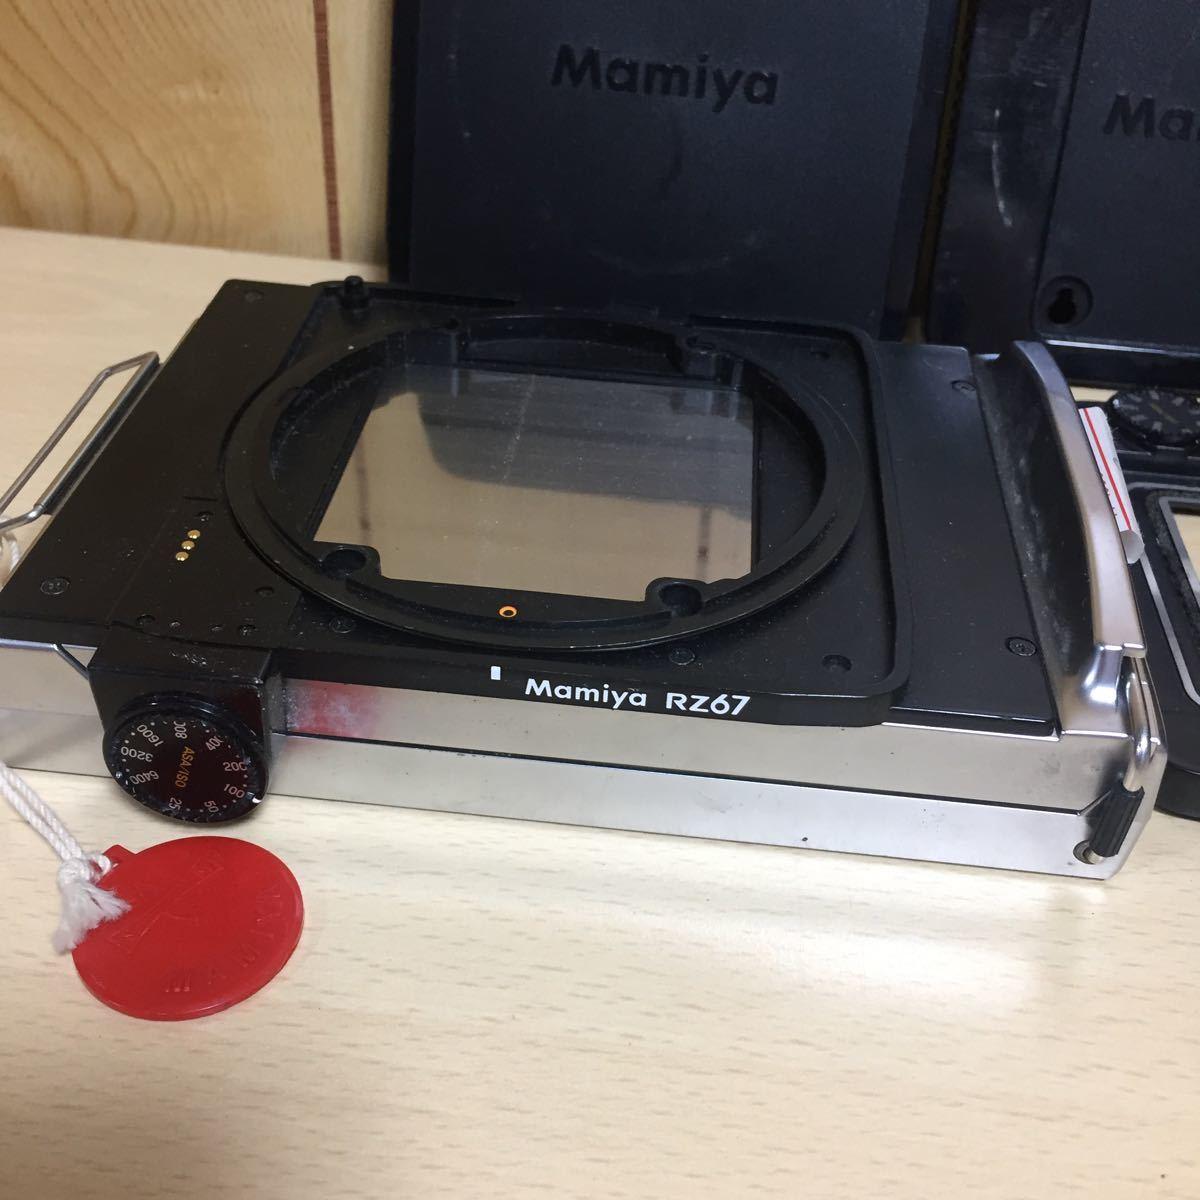 NJ23)Mamiya/マミヤ Mamiya RZ67 パーツ まとめて ジャンク_画像2